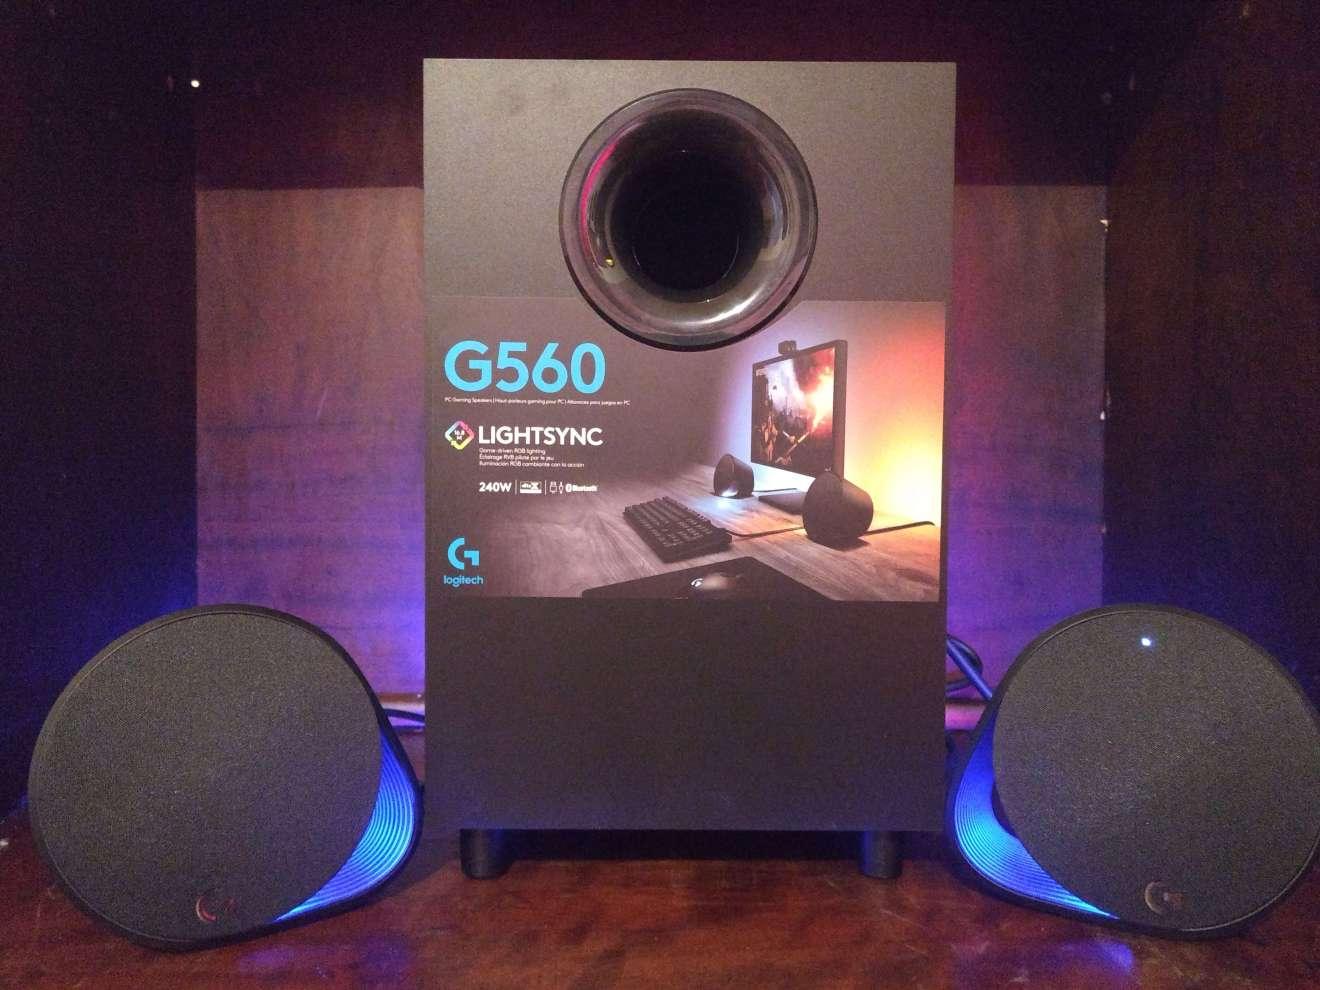 Review: Logitech G560 entrega iluminação e áudio imersivos para jogos 9